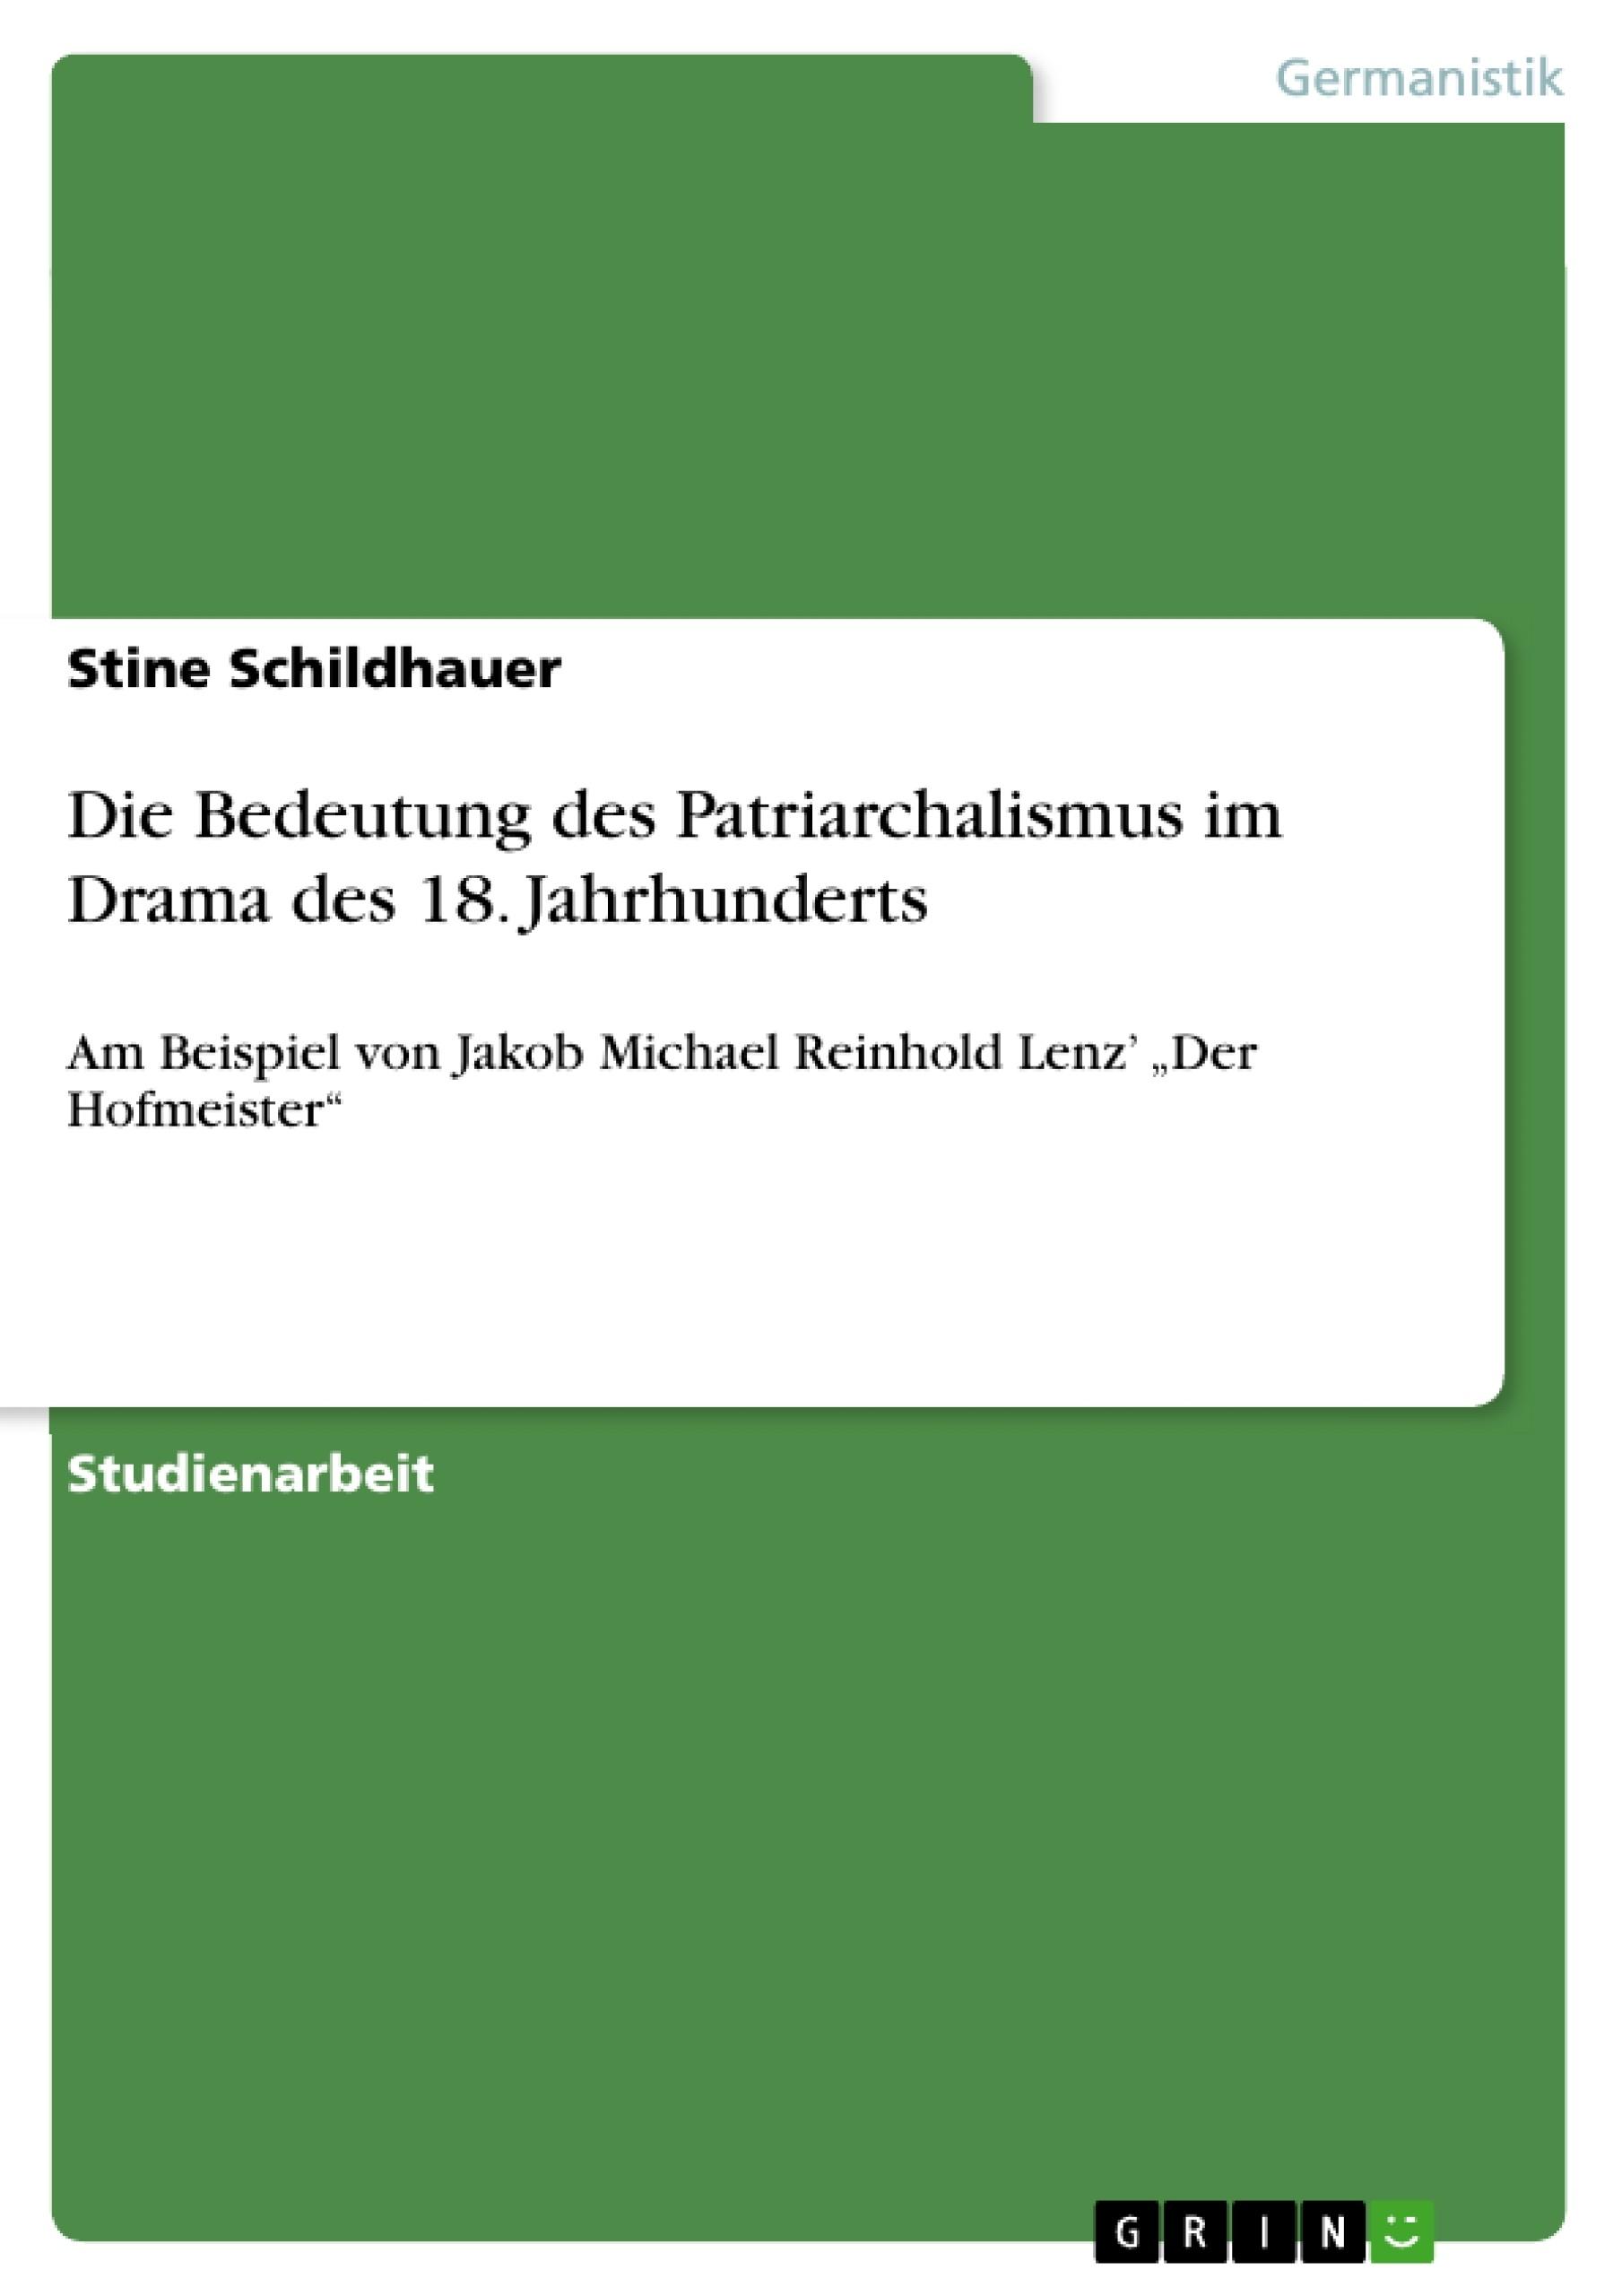 Titel: Die Bedeutung des Patriarchalismus im Drama des 18. Jahrhunderts